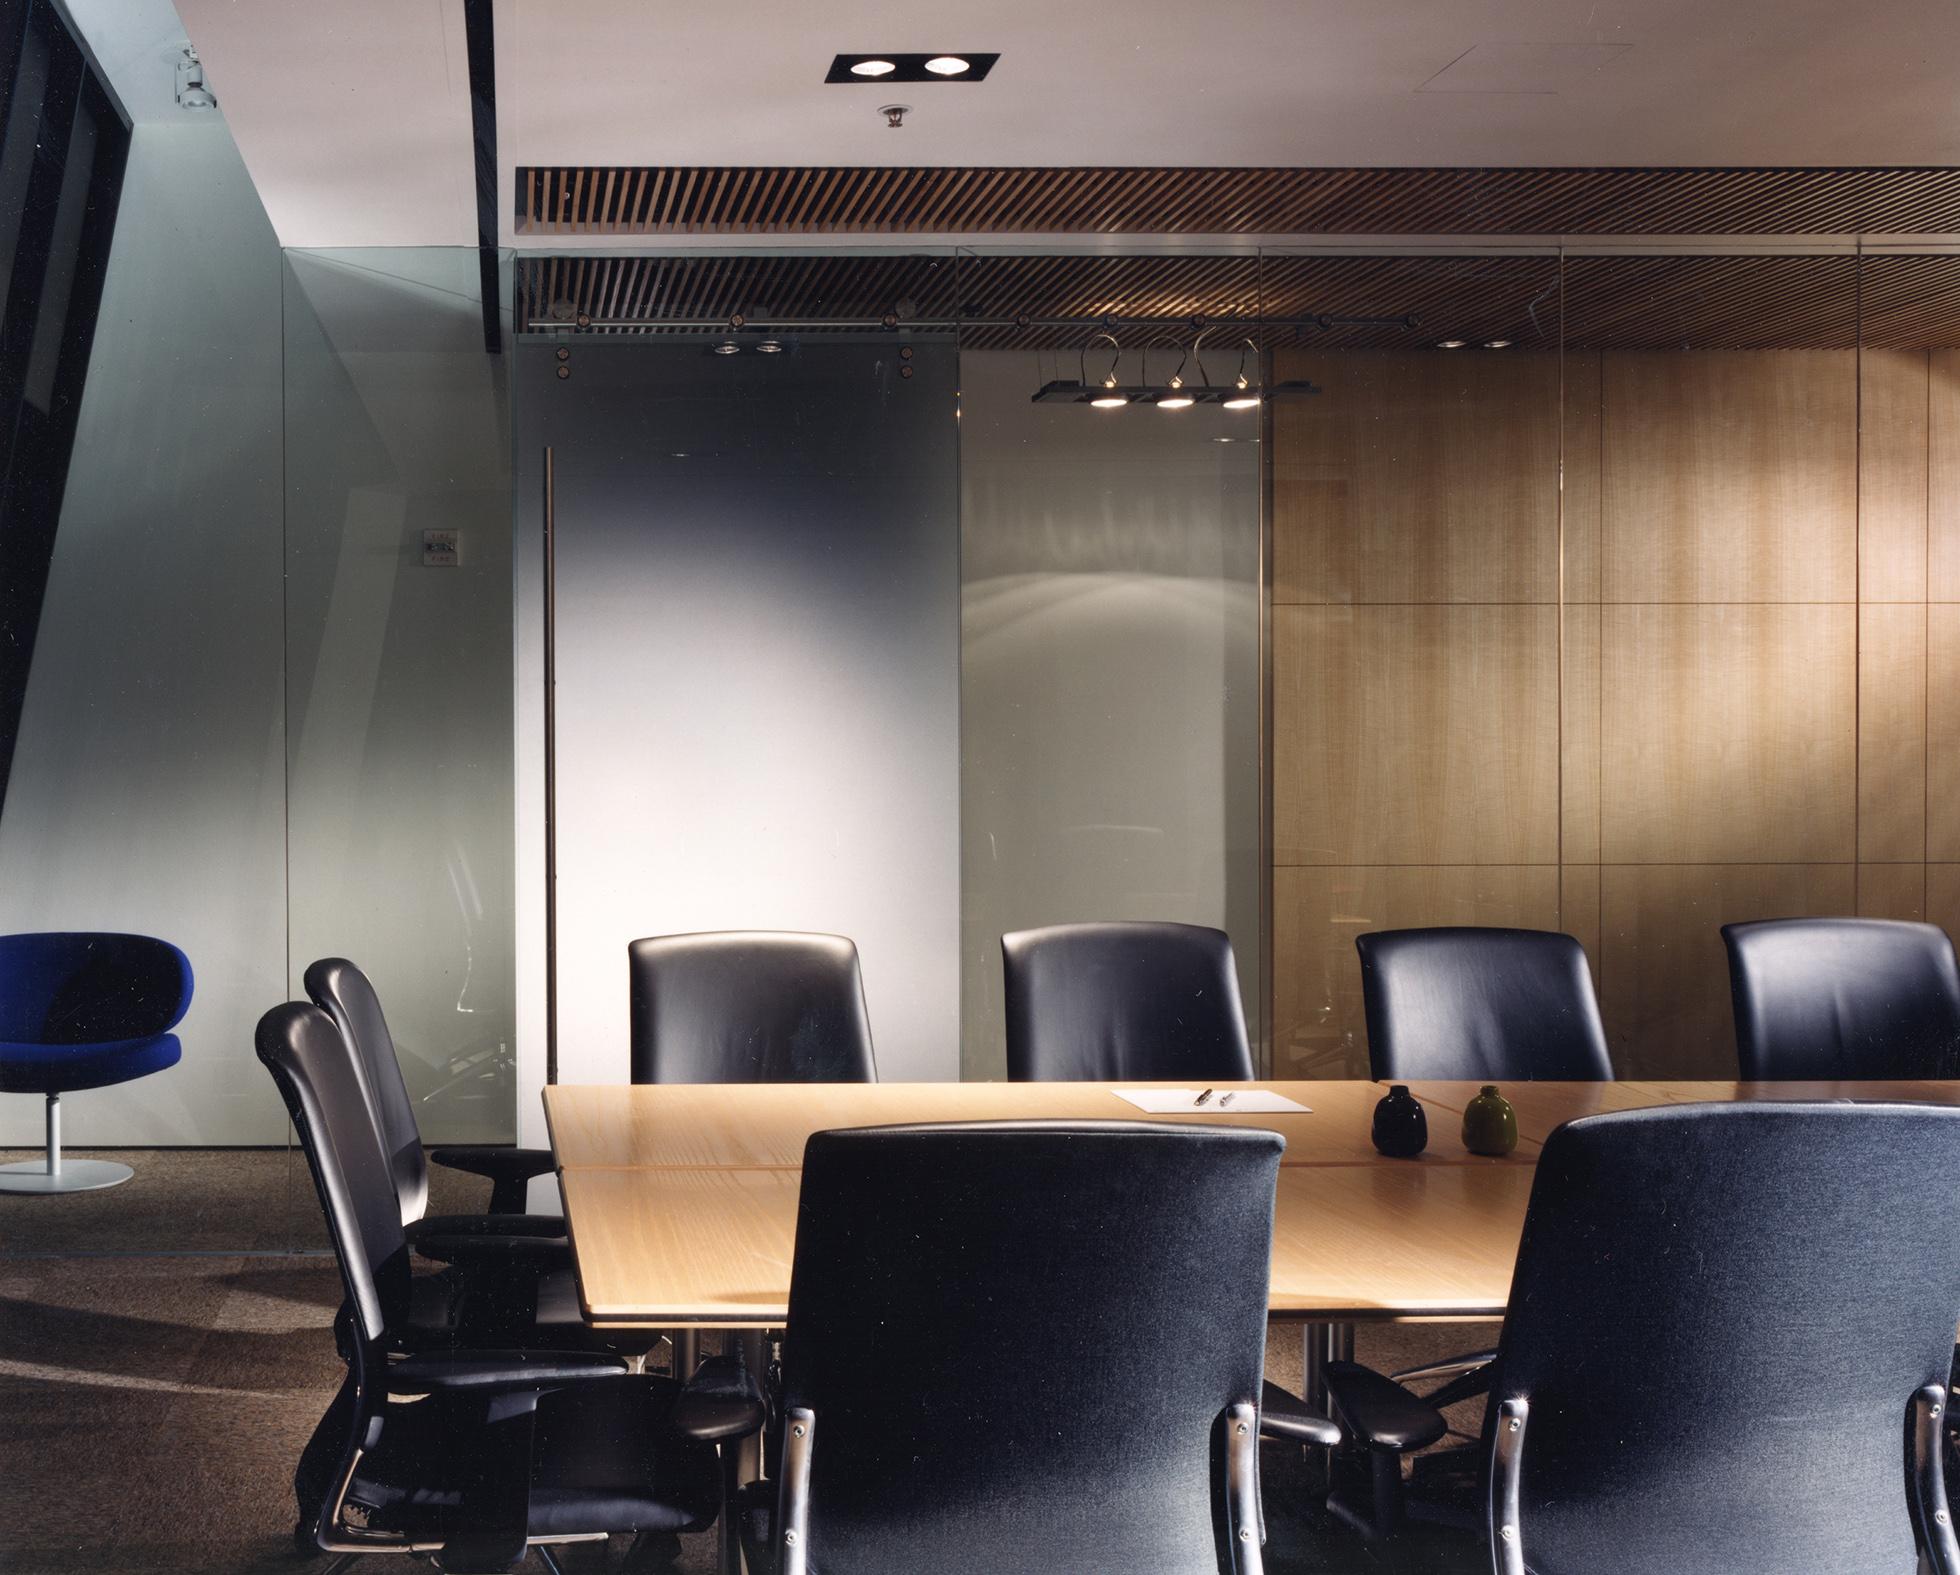 conference room - Adjusted.jpg